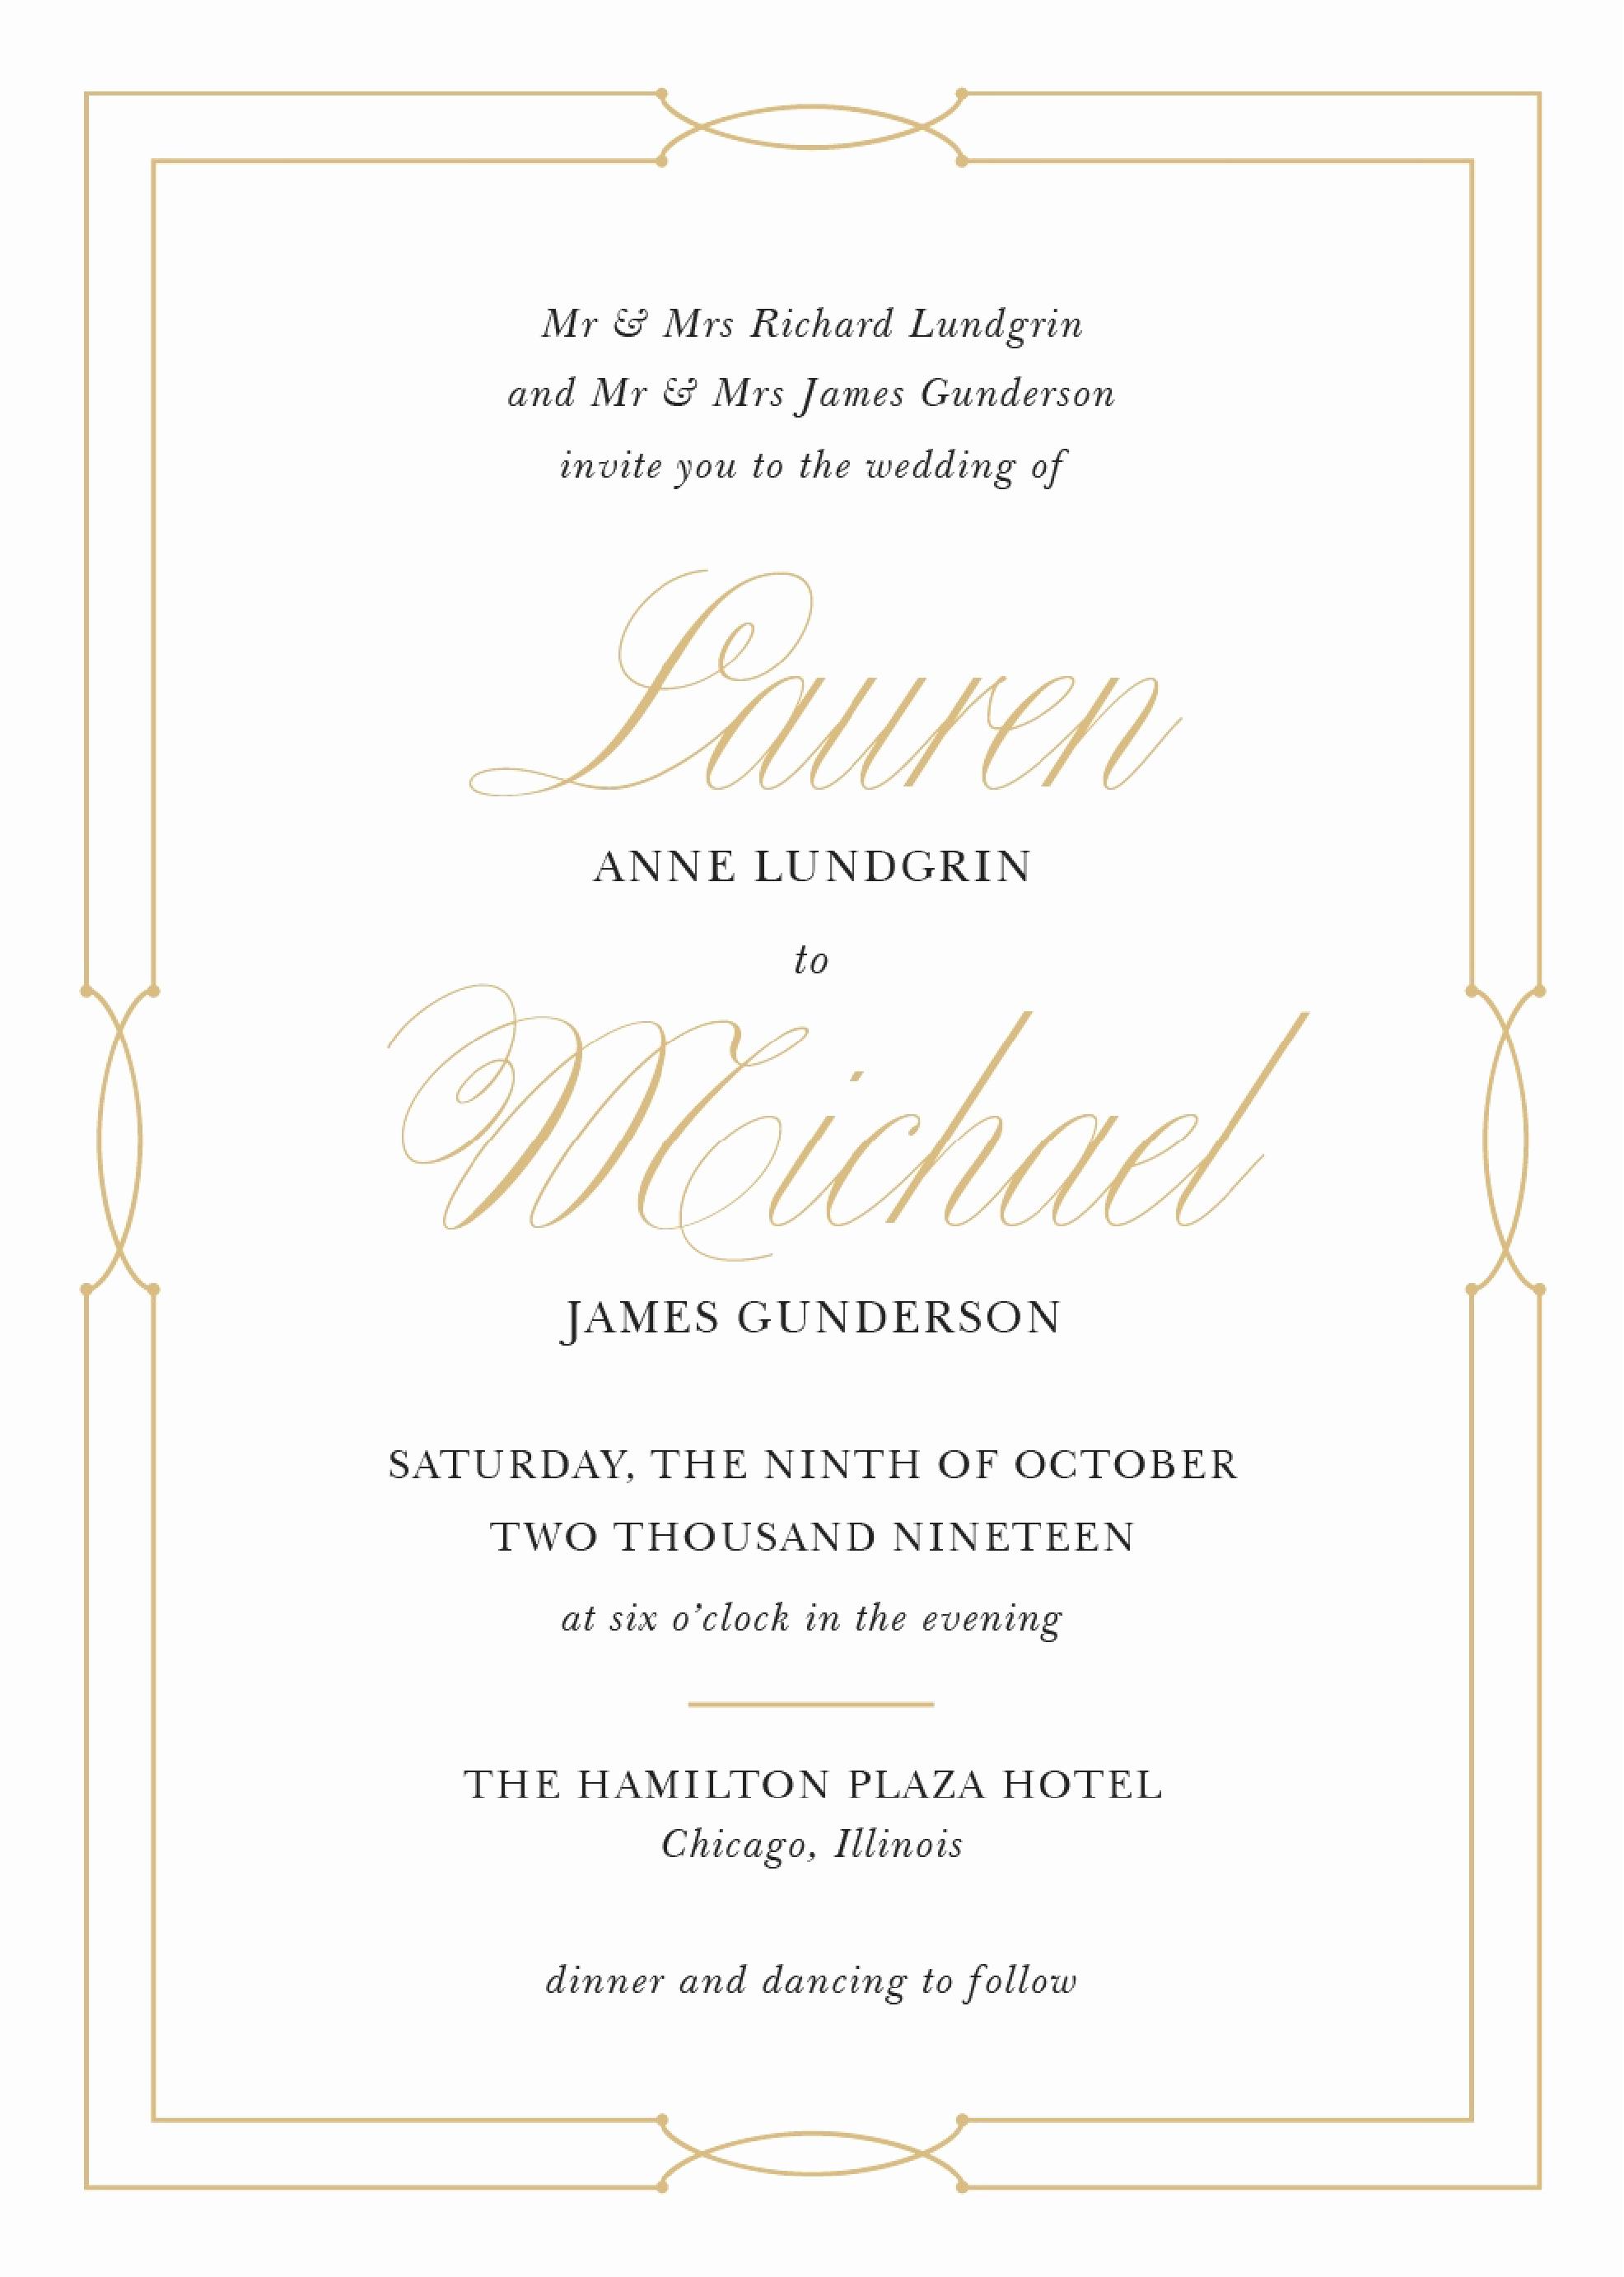 Sample Wedding Invitation Wording Unique Wedding Invitation Wording Samples